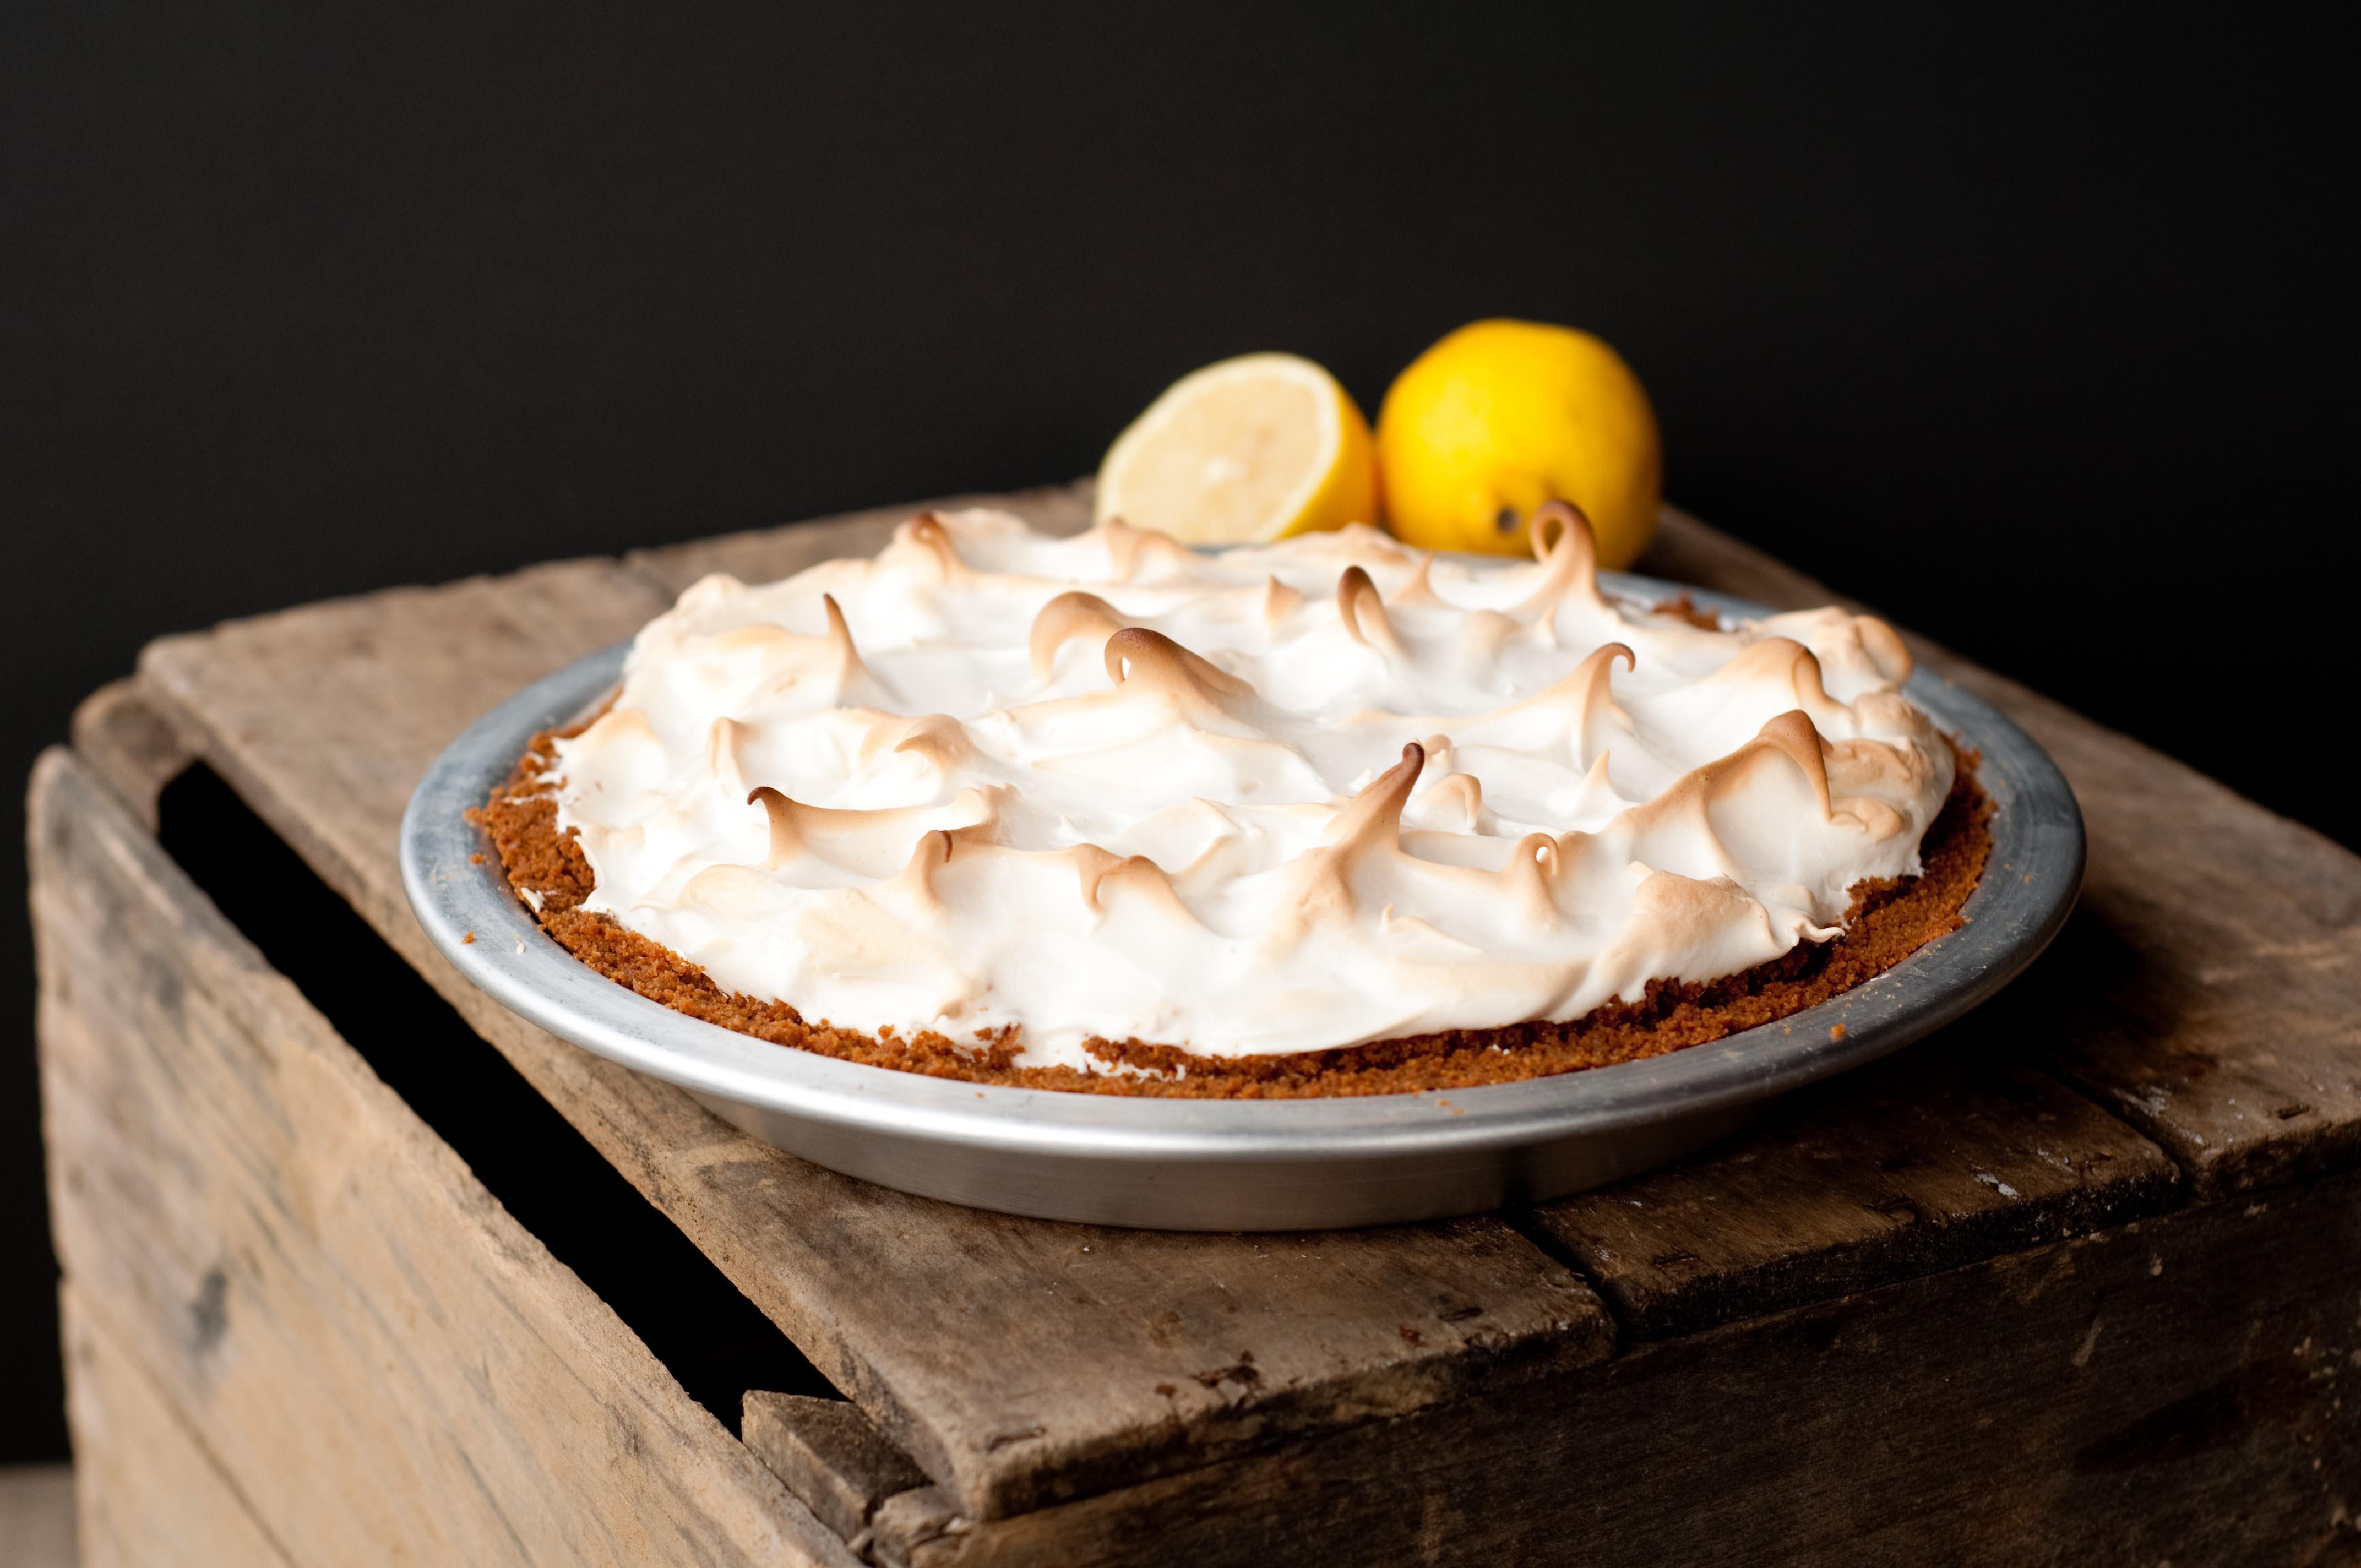 livin the pie life